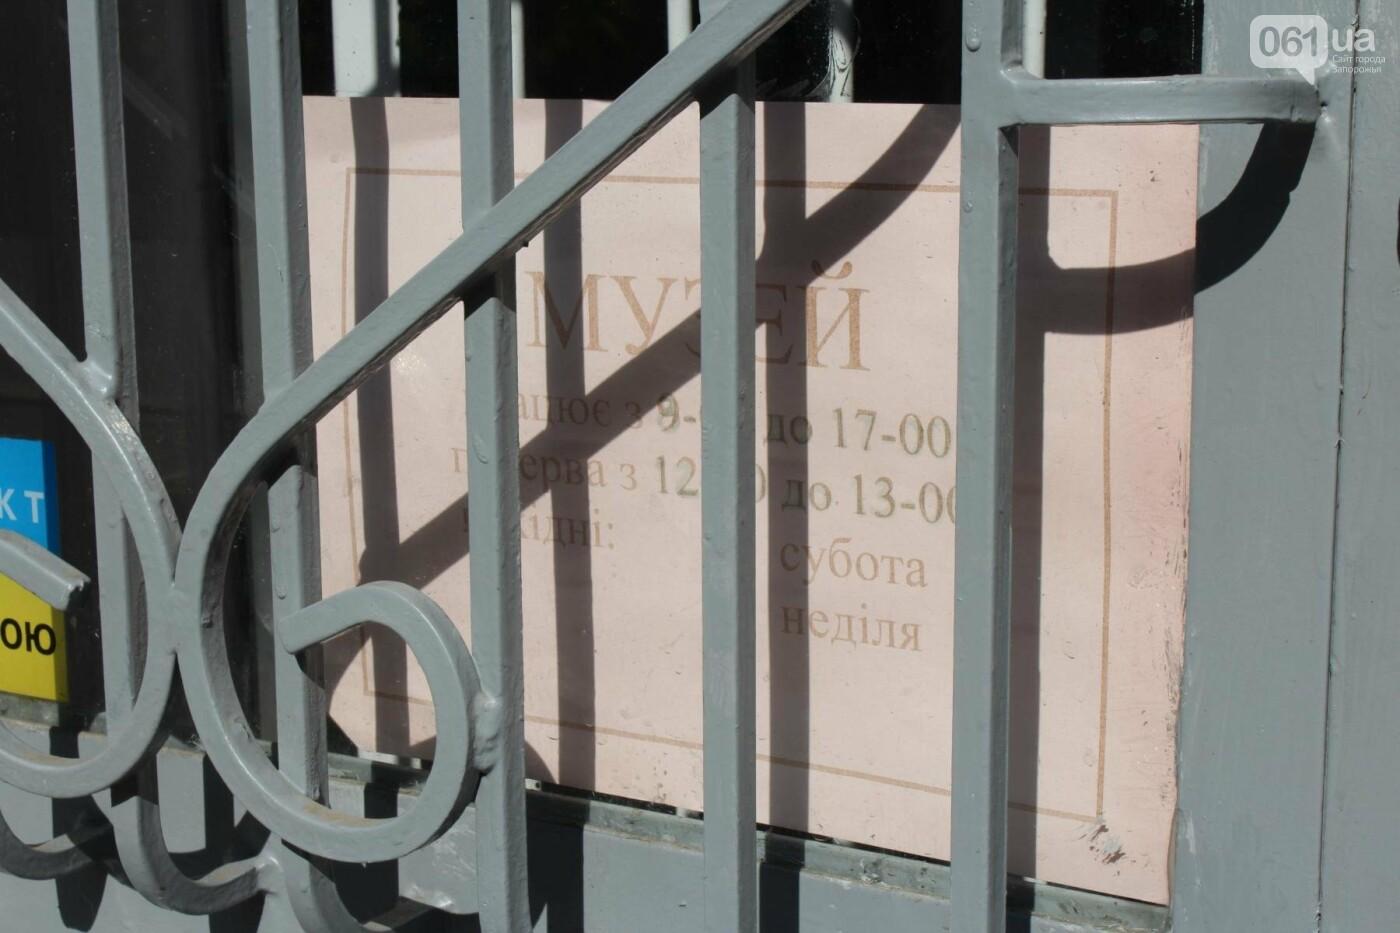 Как там в Токмаке: репортаж из официально депрессивного города, фото-50